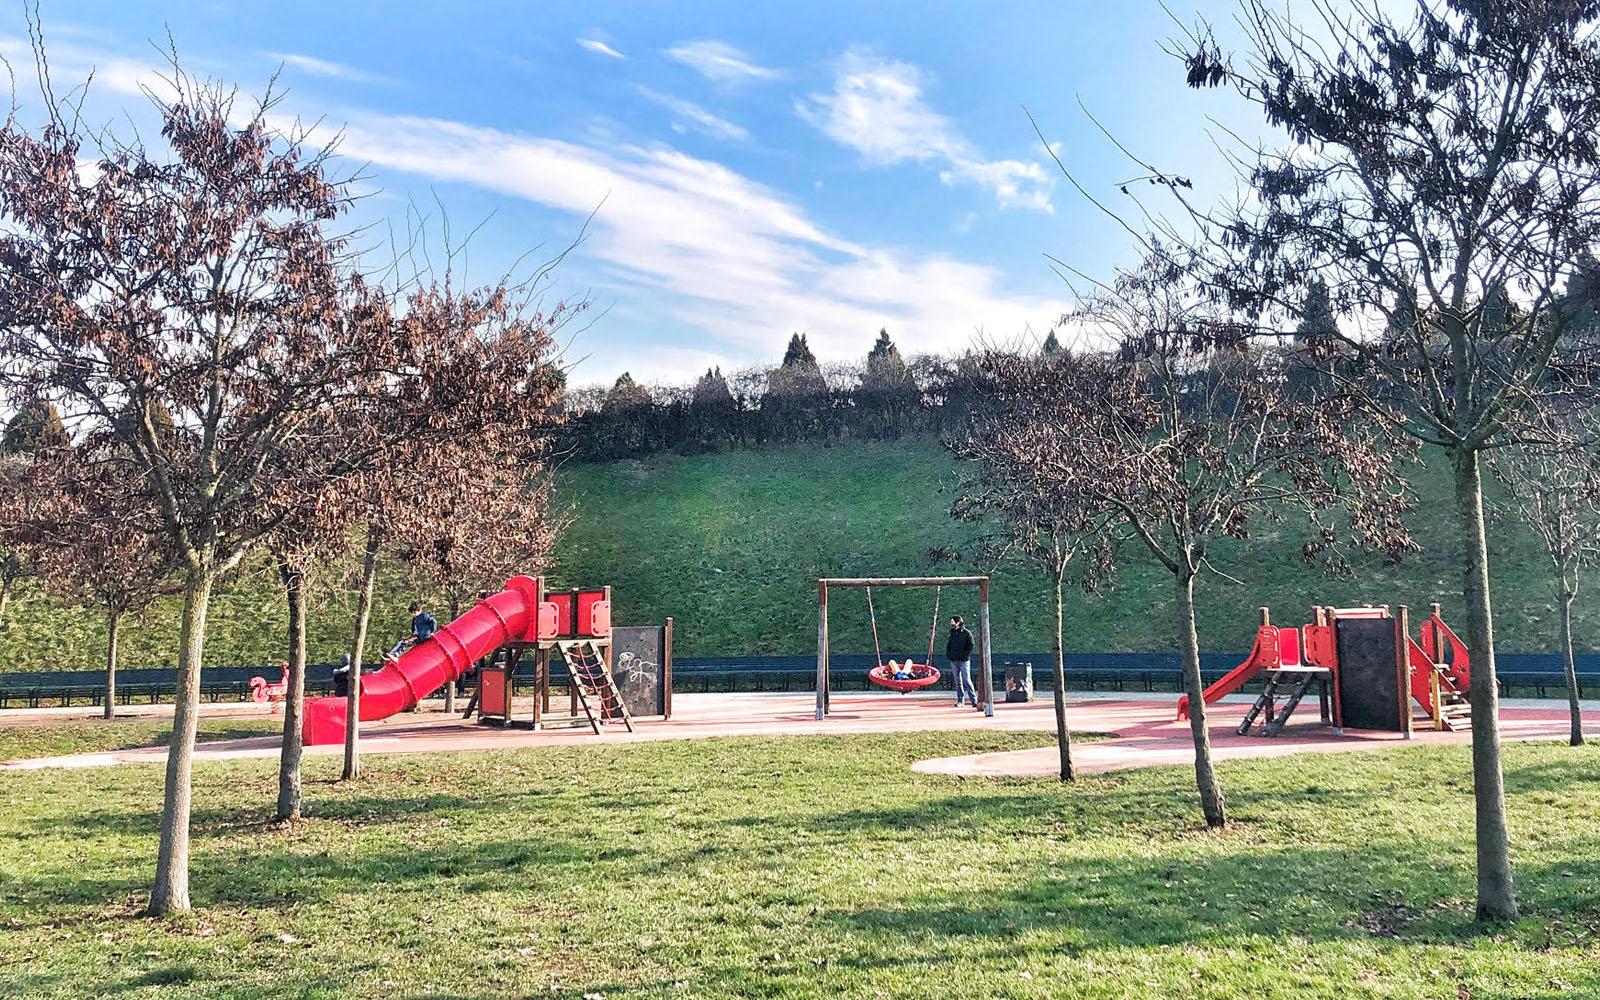 L'area giochi del Parco del Portello di Milano. © oltreilbalcone